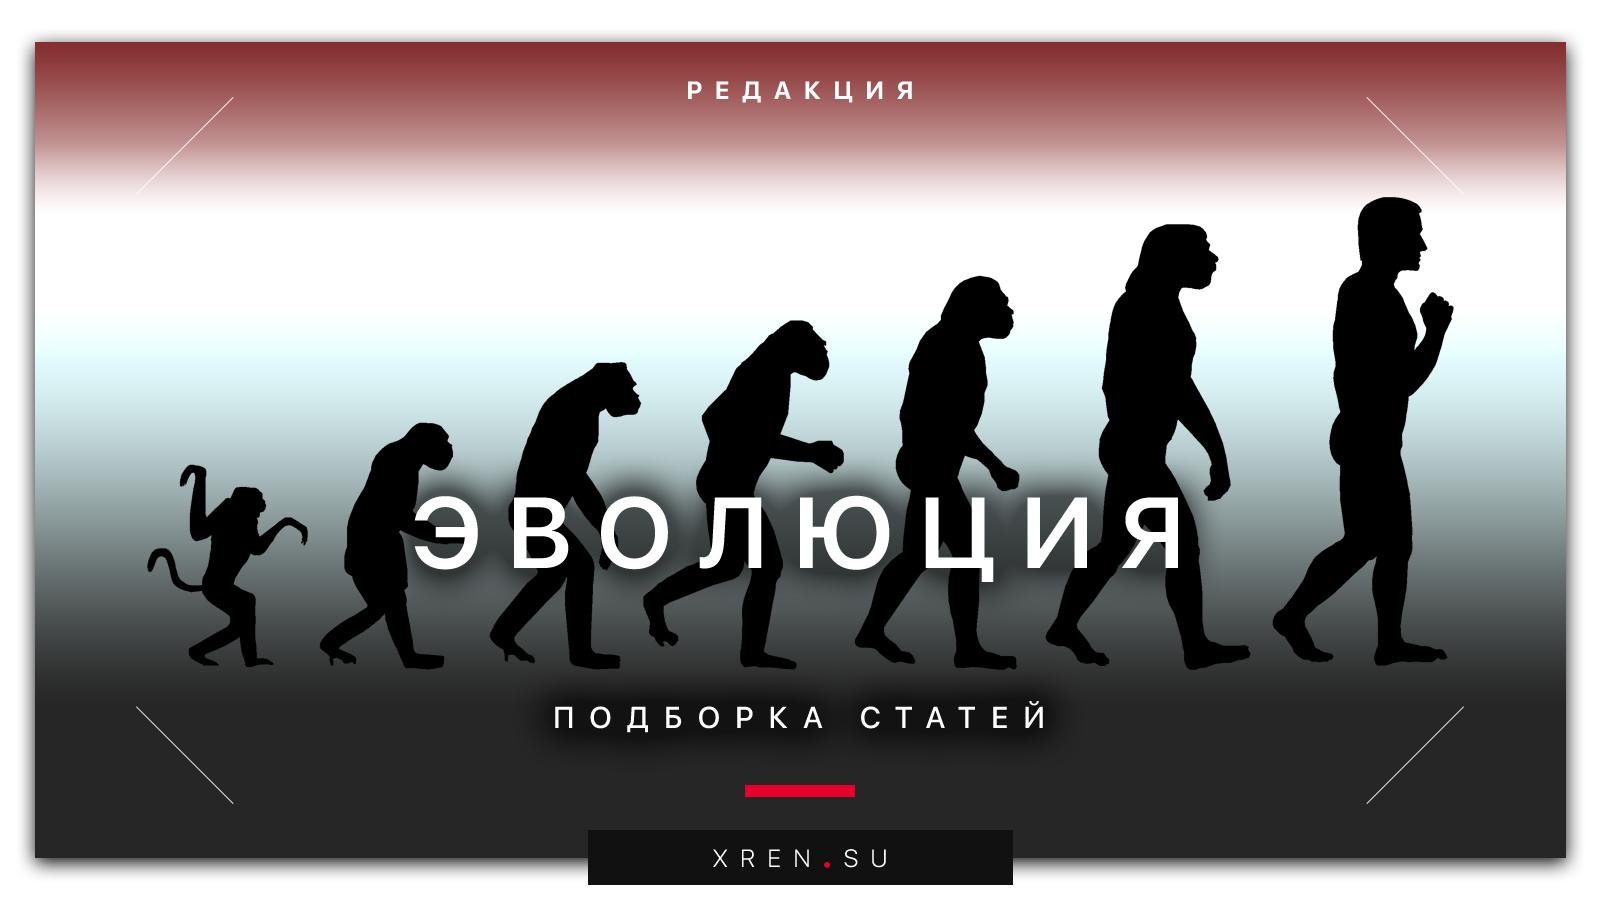 Эволюция: подборка статей